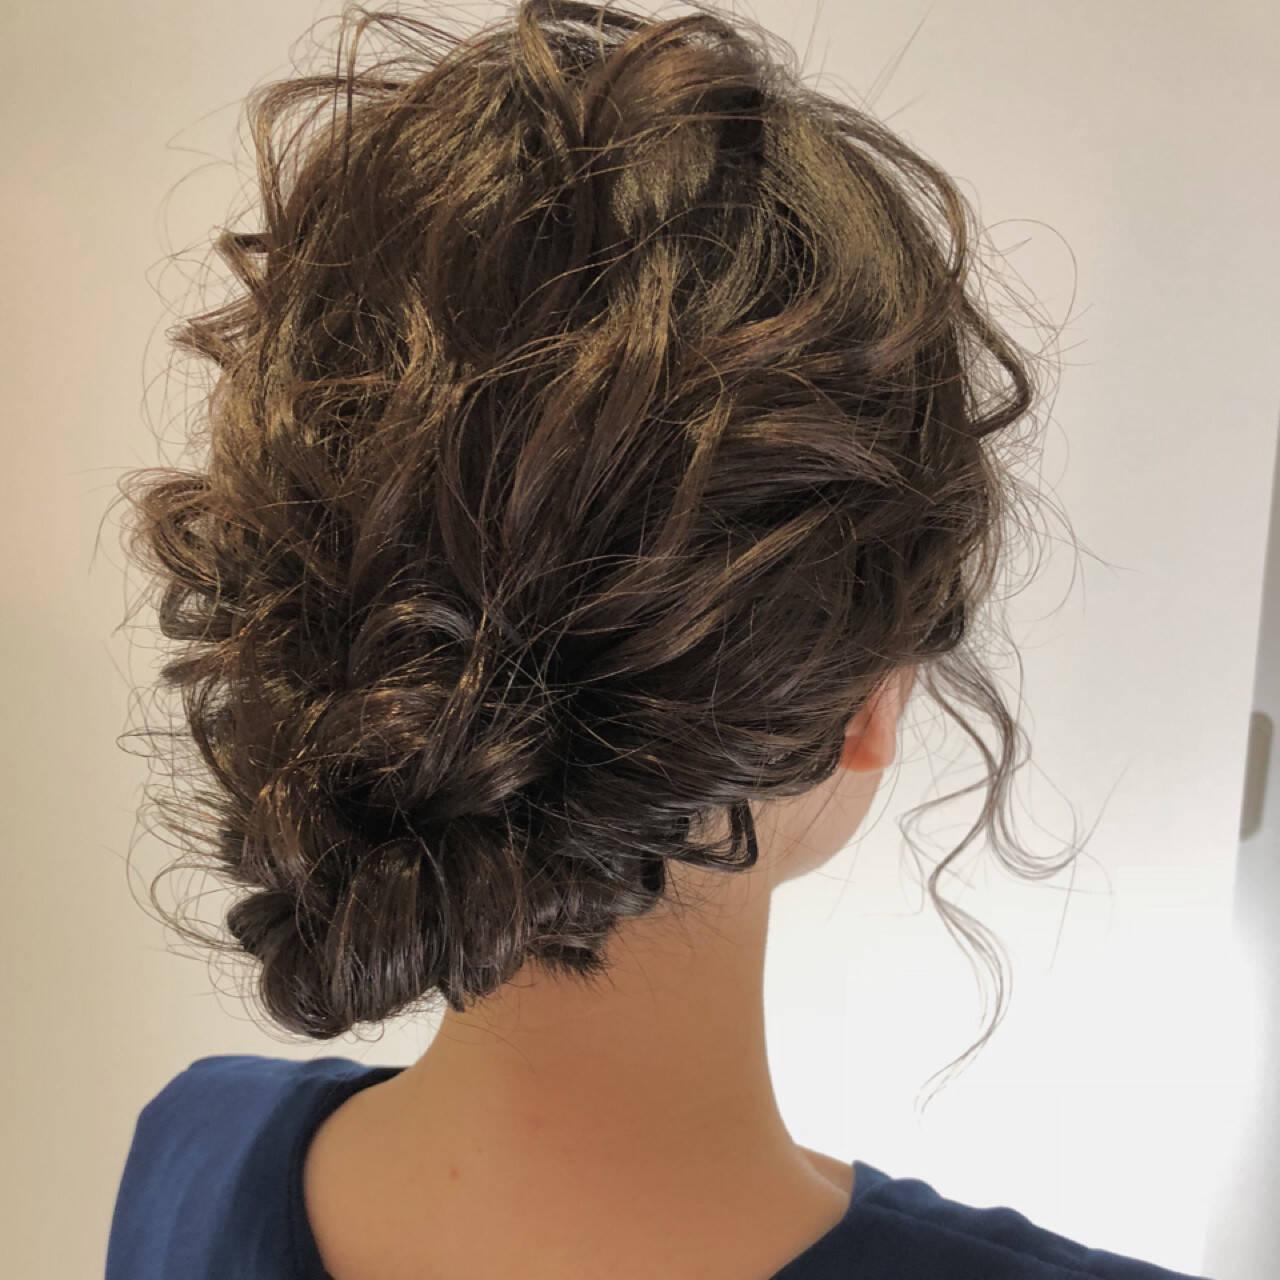 夏 パーティ ロング ヘアアレンジヘアスタイルや髪型の写真・画像